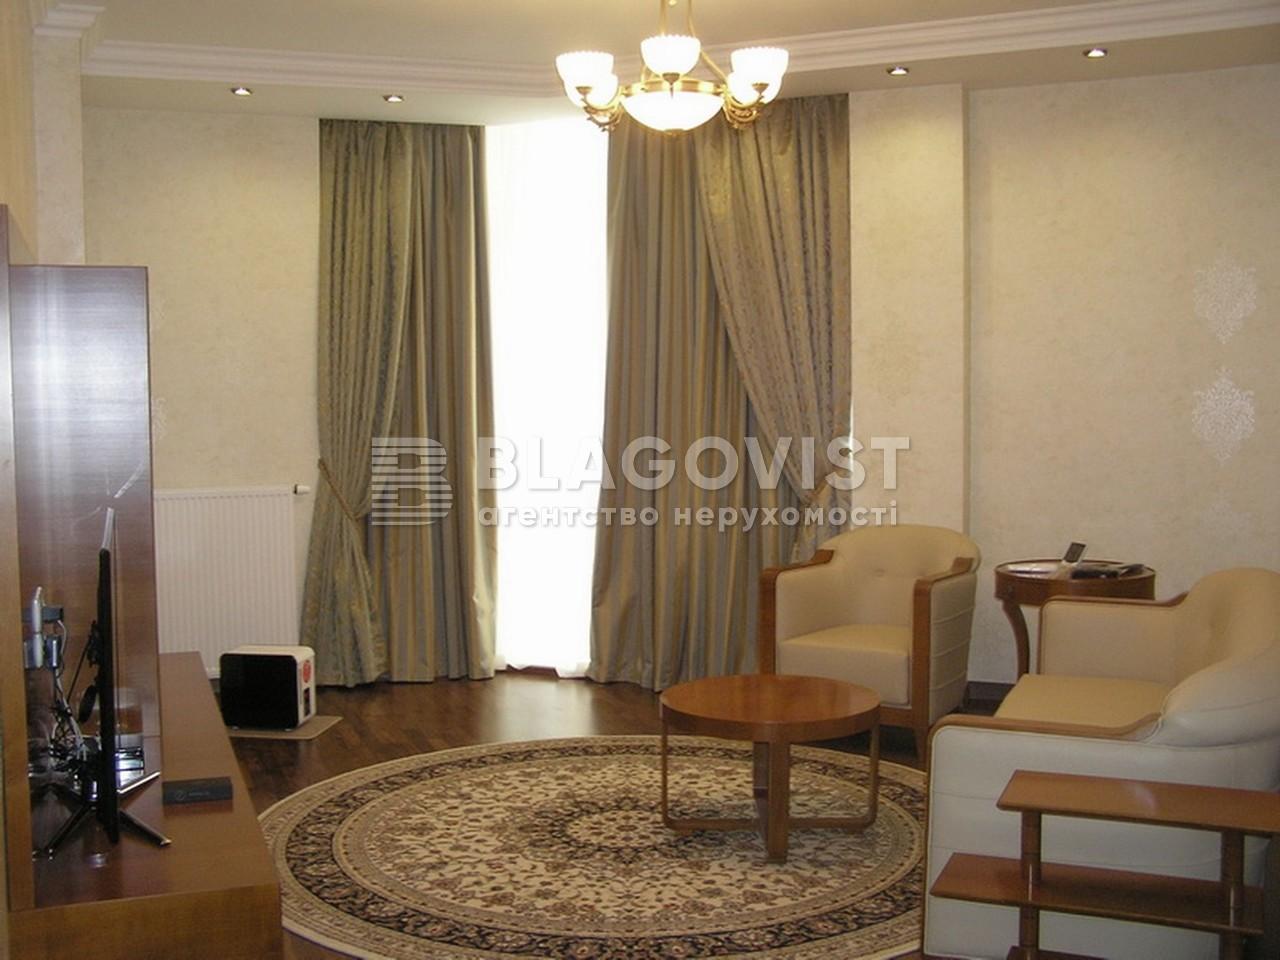 Квартира E-31267, Драгомирова Михаила, 14, Киев - Фото 14